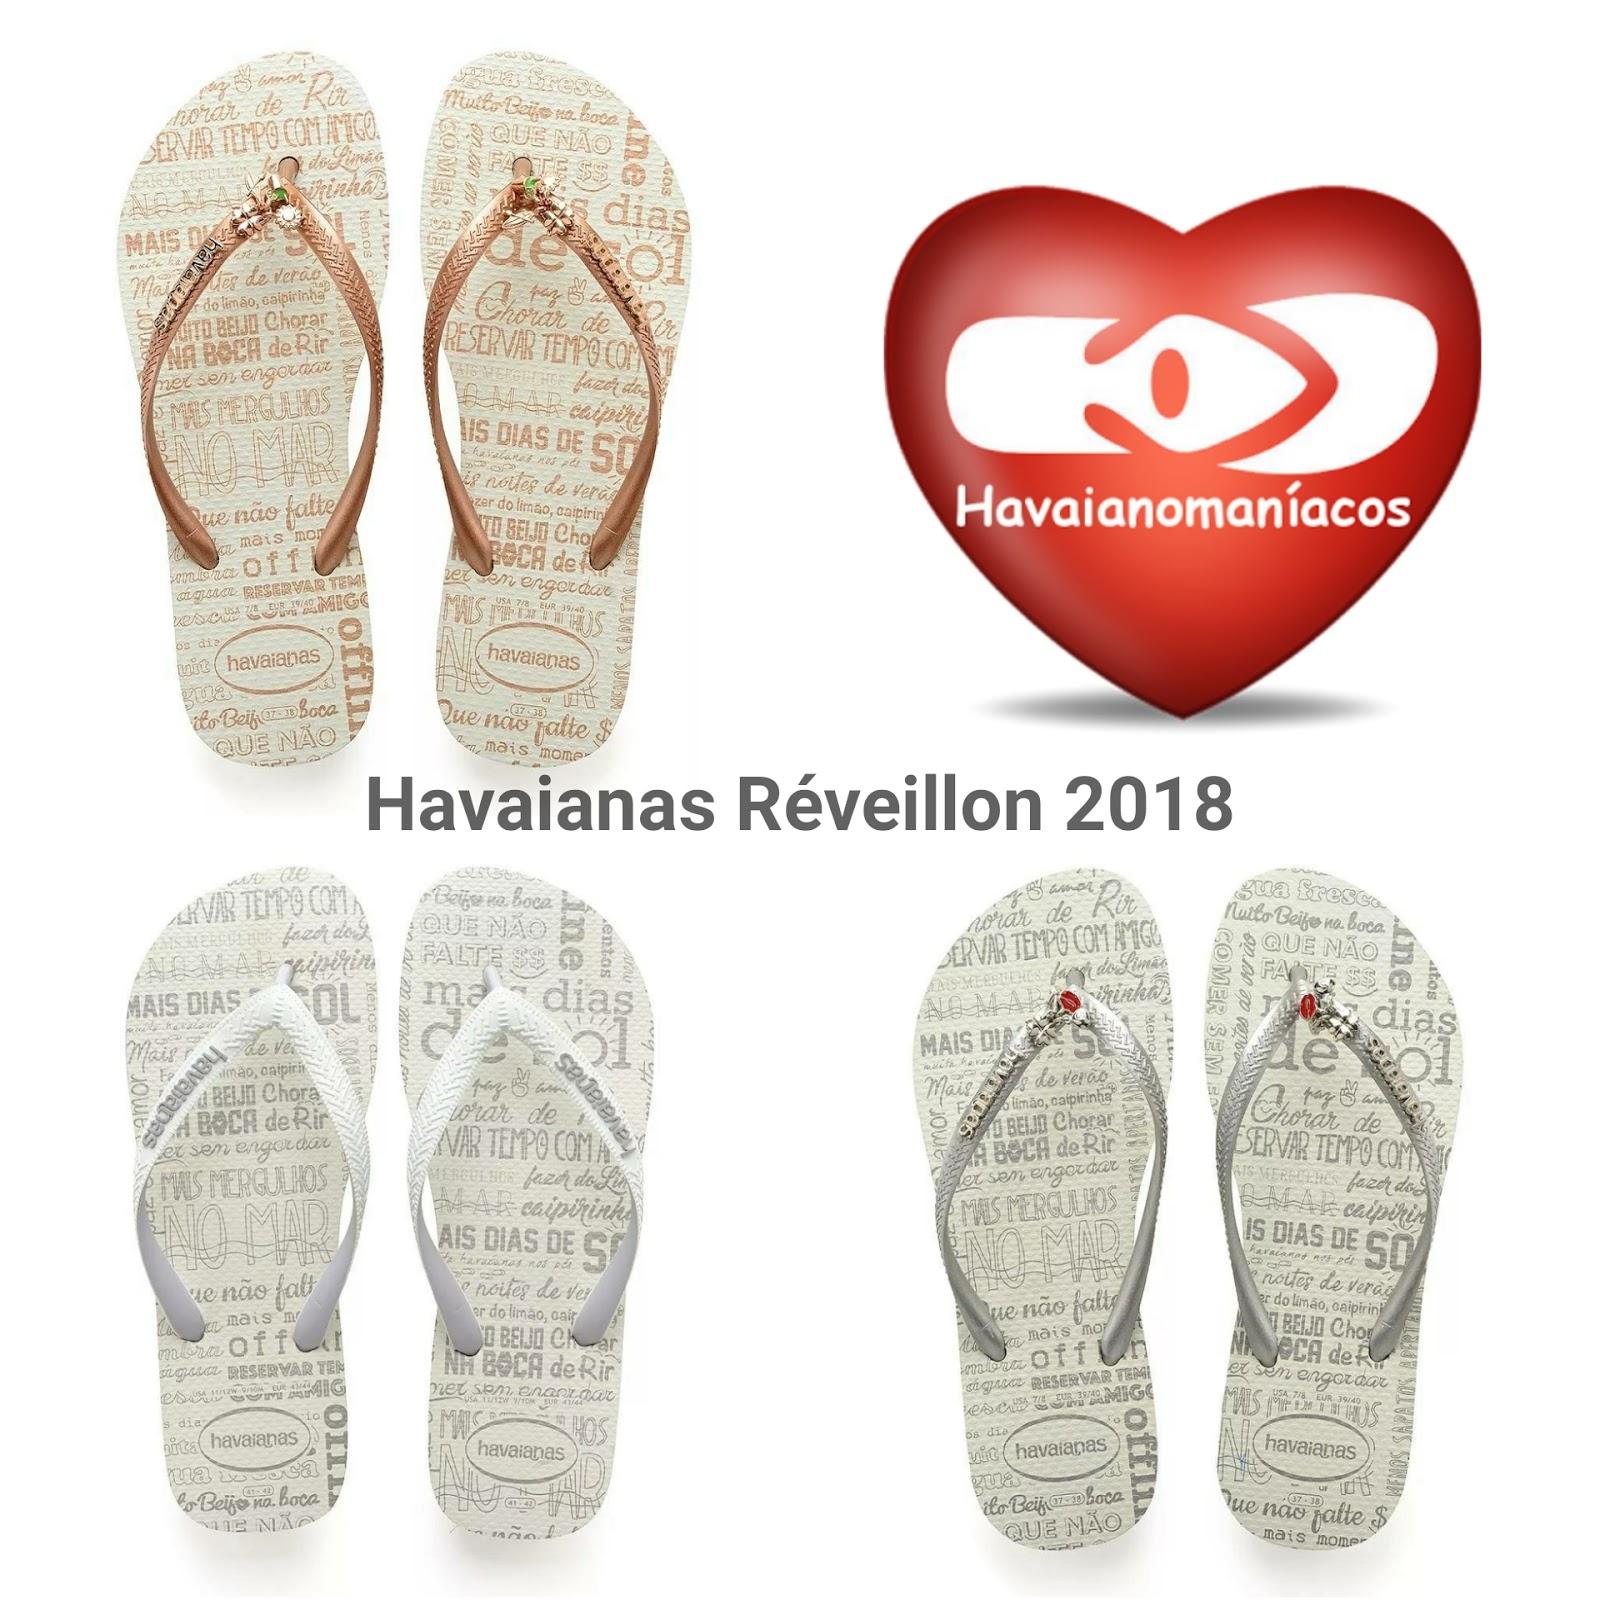 926599bbb8 São 3 modelos de sandálias havaianas sendo um modelo na versão top (tiras  tradicionais)